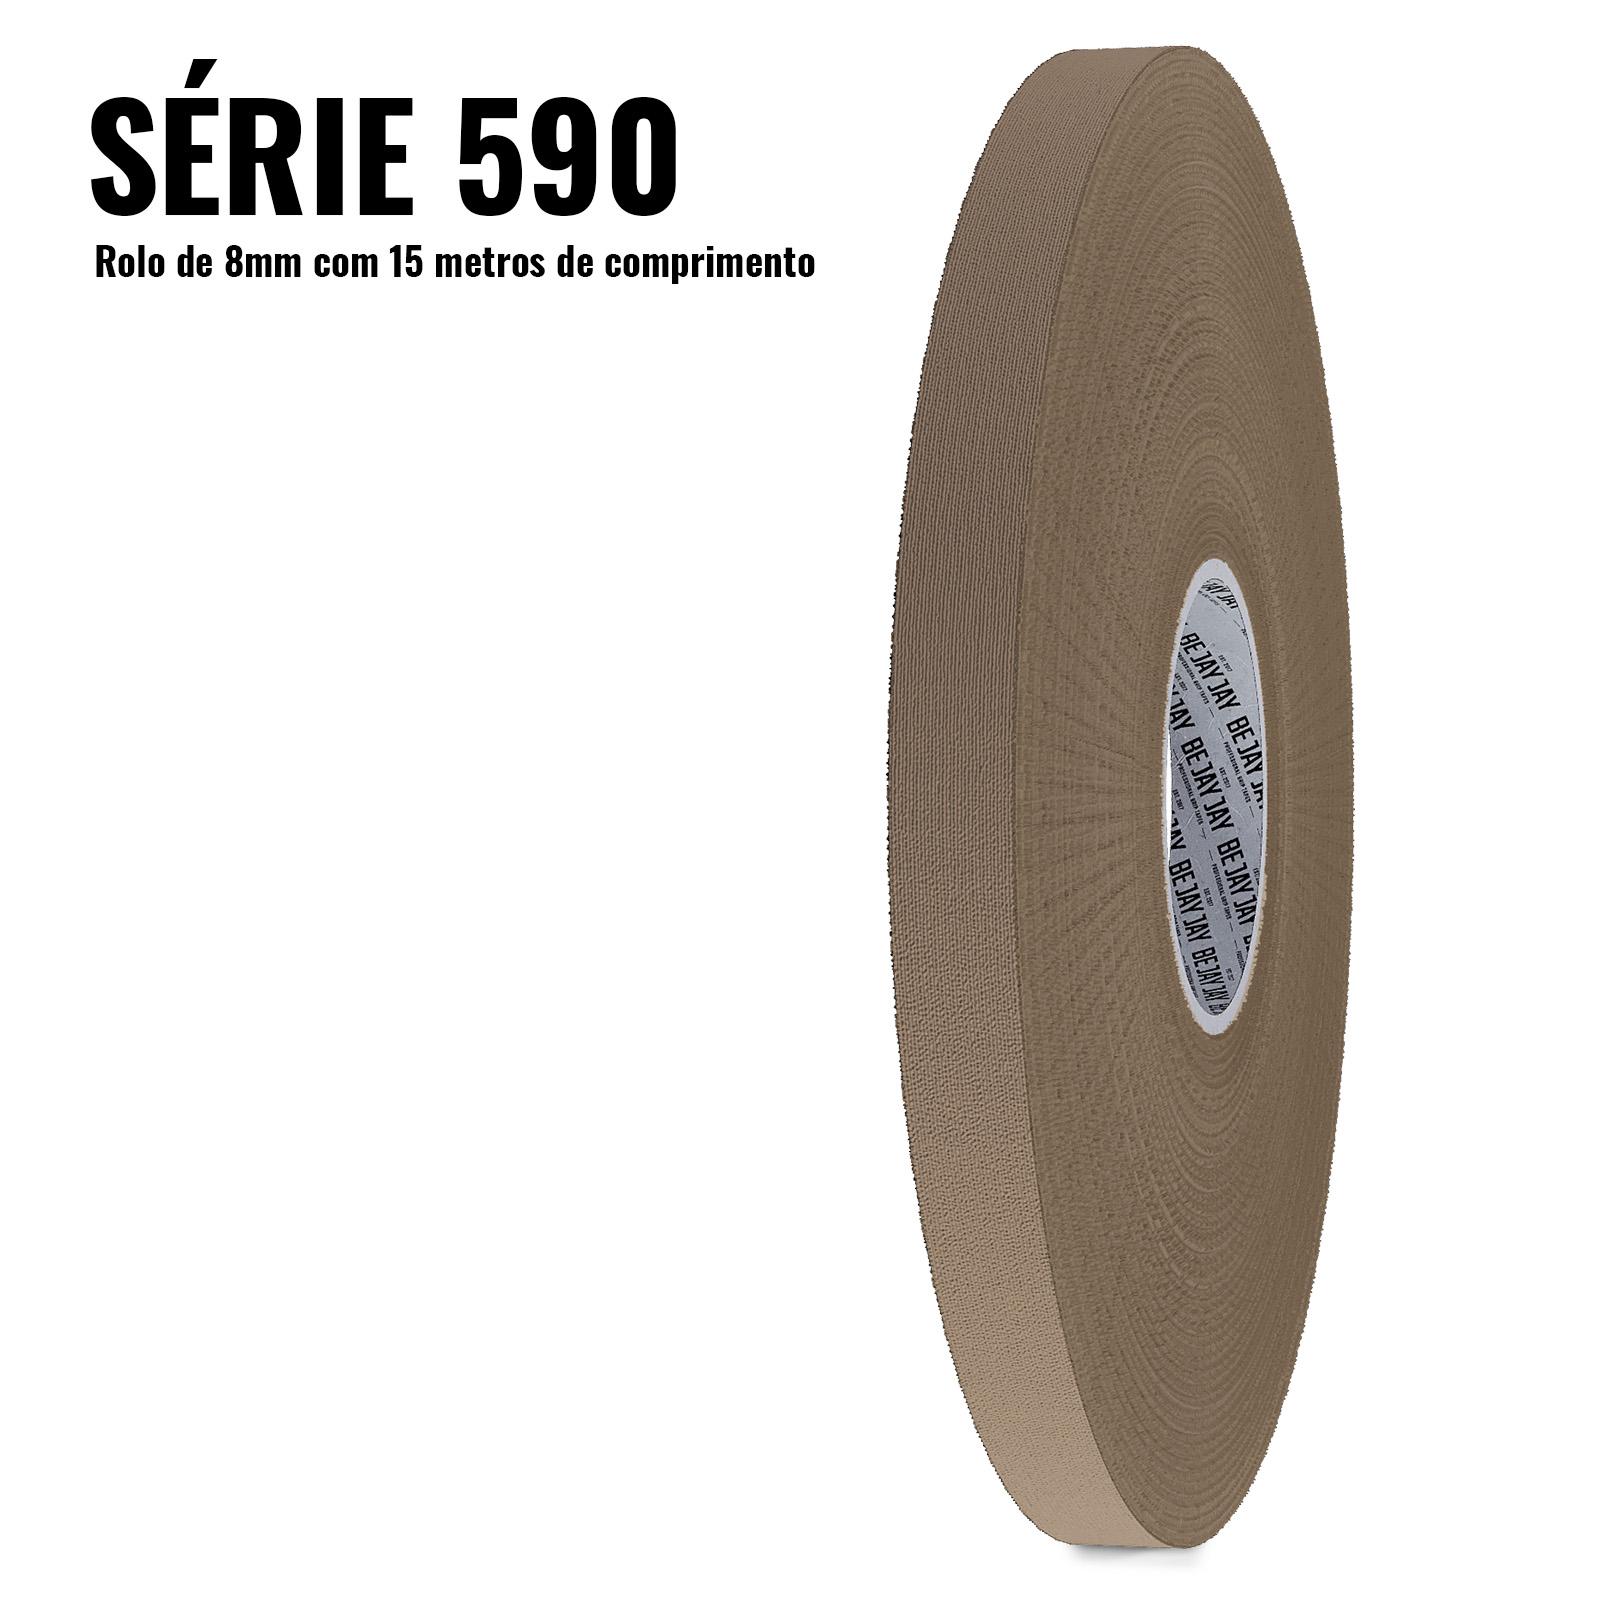 Série 590 - Marrom (8mm - Cada rolo tem 15 metros de tape!)